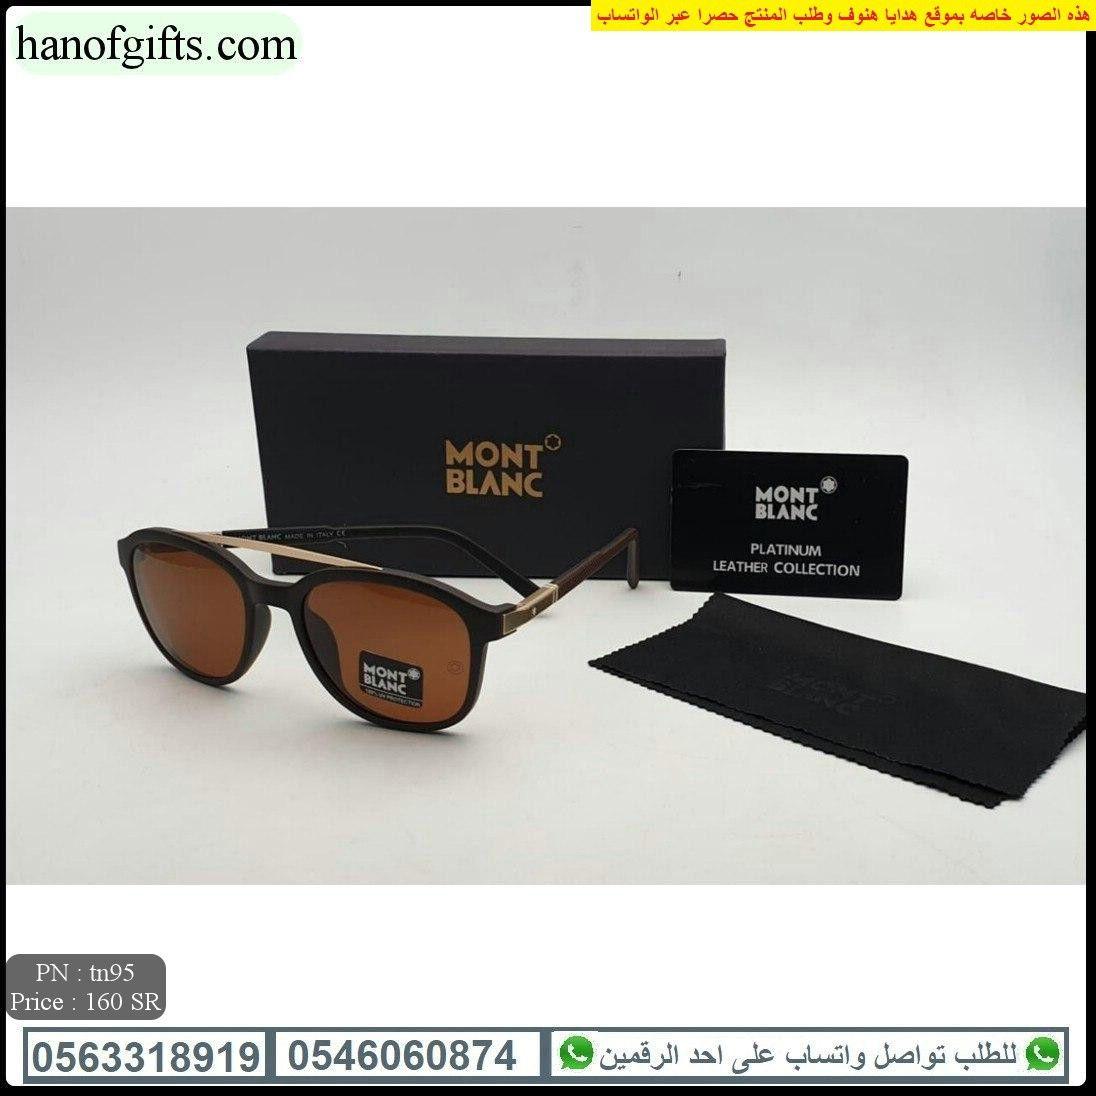 نظارات مونت بلانك شمسيه رجالي Mont Blanc مع ملحقات الماركه هدايا هنوف Sunglasses Leather Square Sunglass